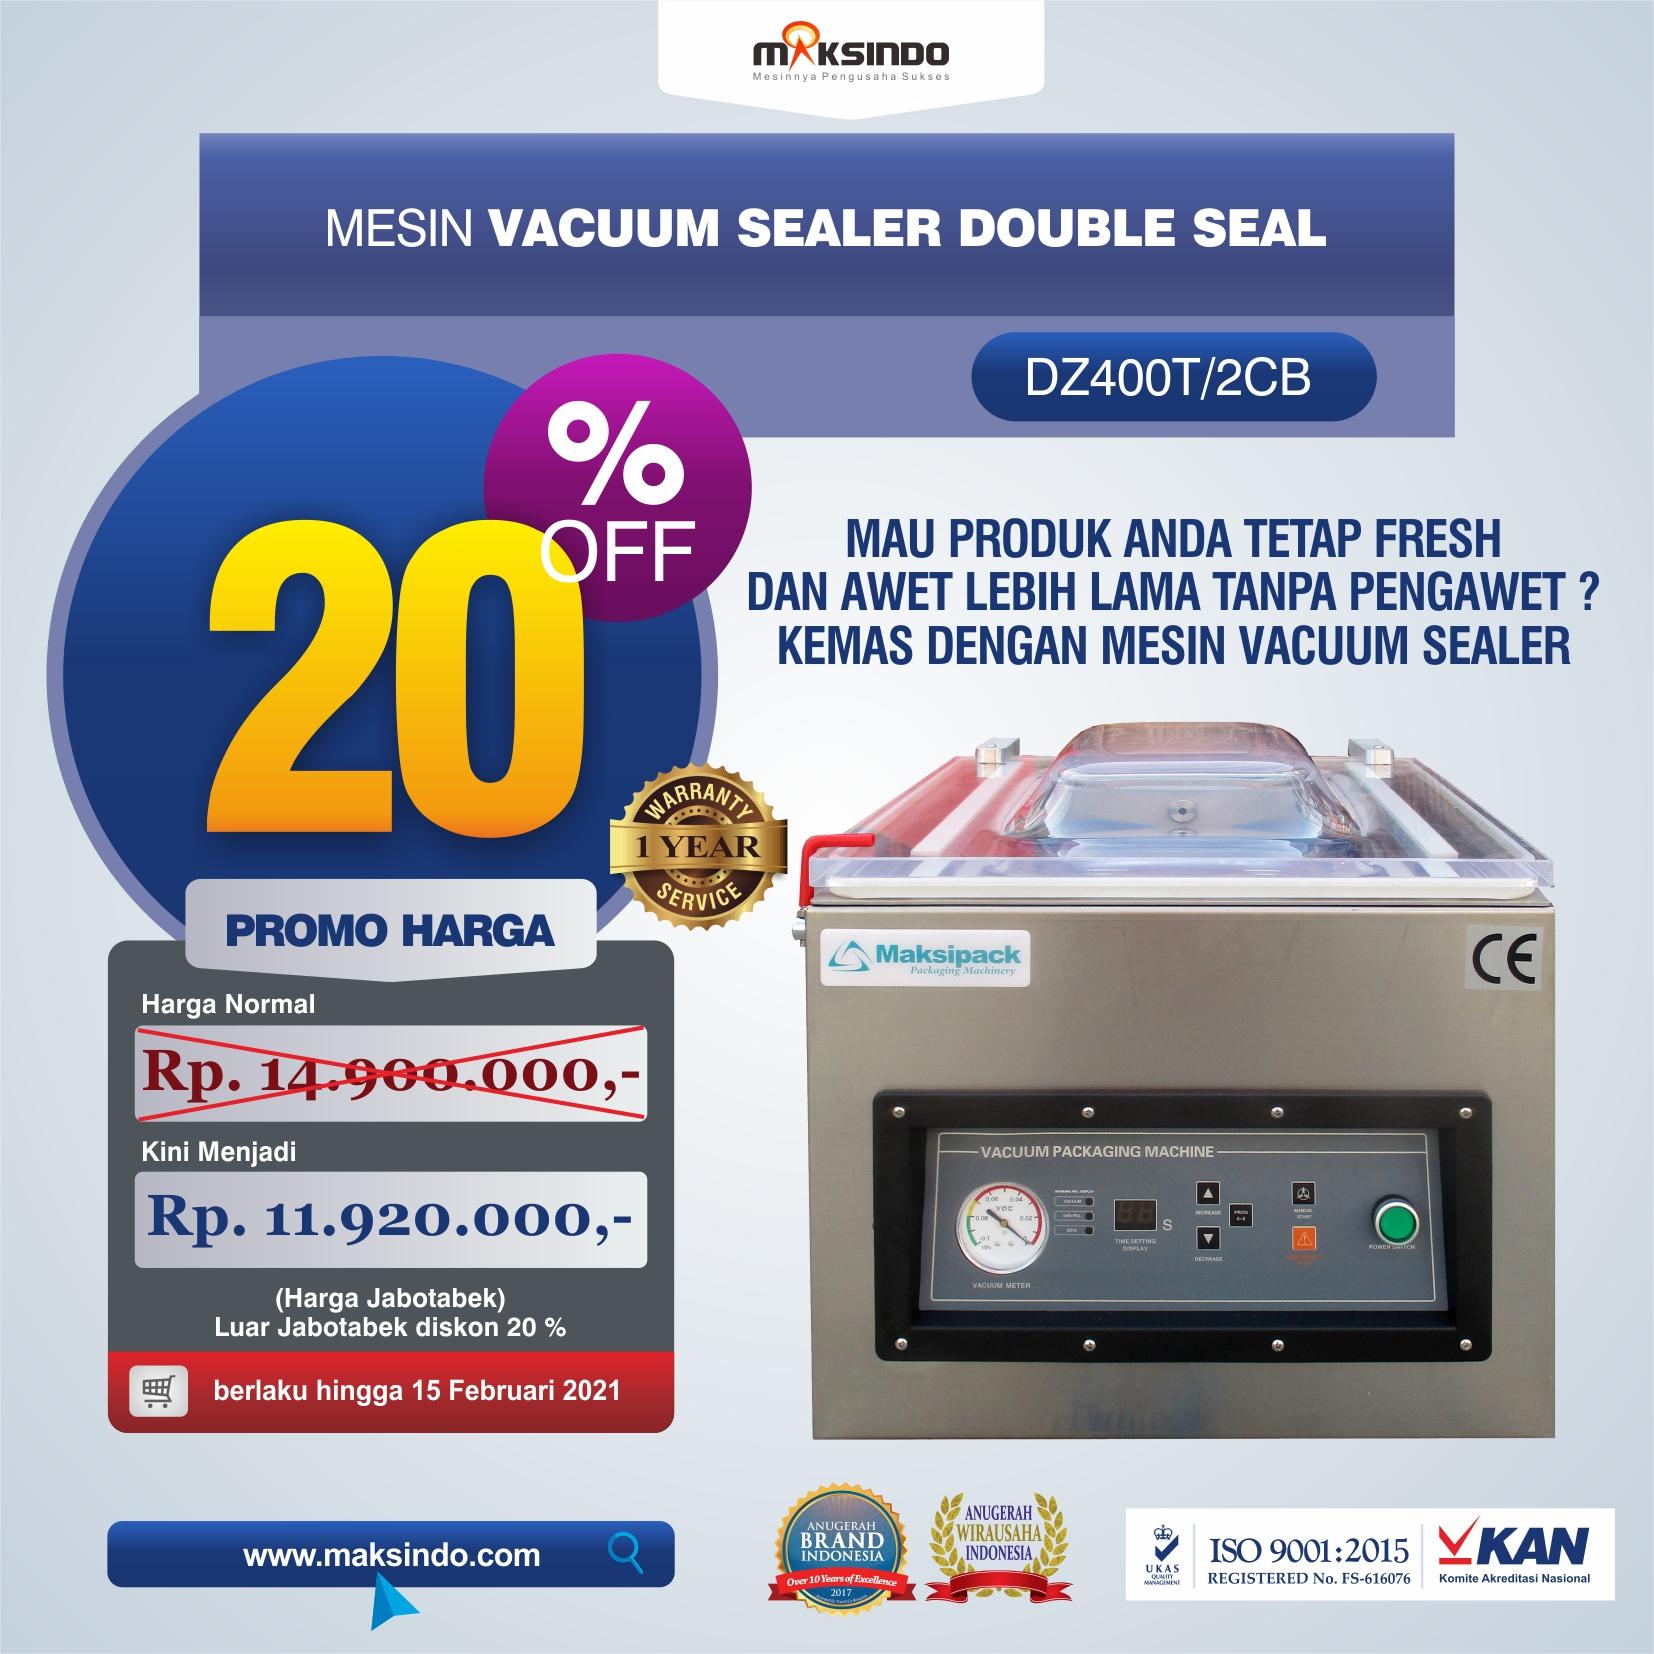 Jual Vacuum Sealer Double Seal DZ400T/2CB di Yogyakarta